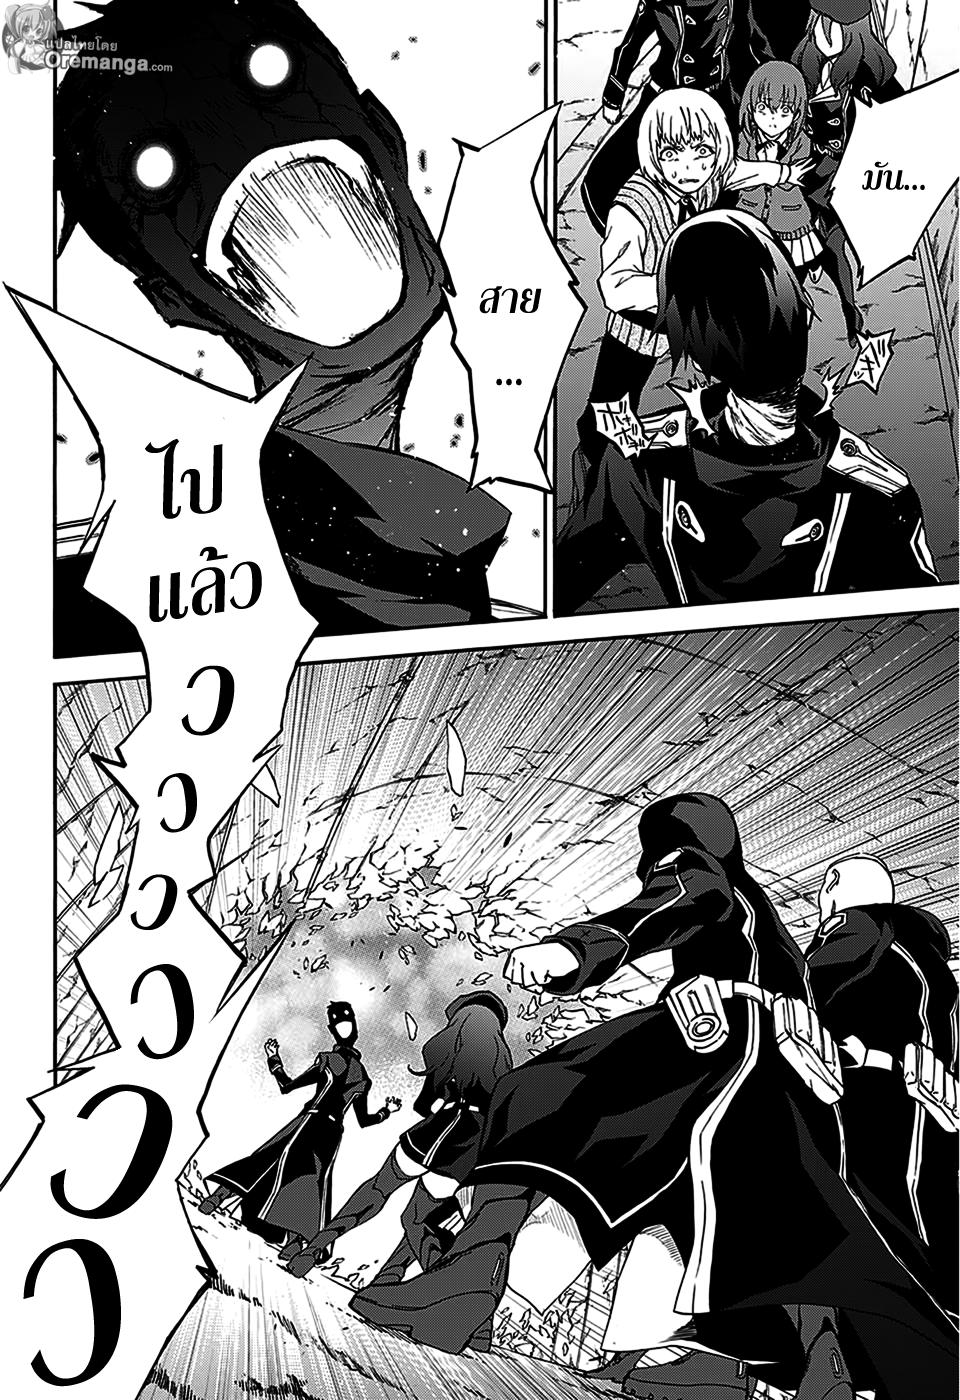 อ่านการ์ตูน Sousei no Onmyouji ตอนที่ 23 หน้าที่ 23